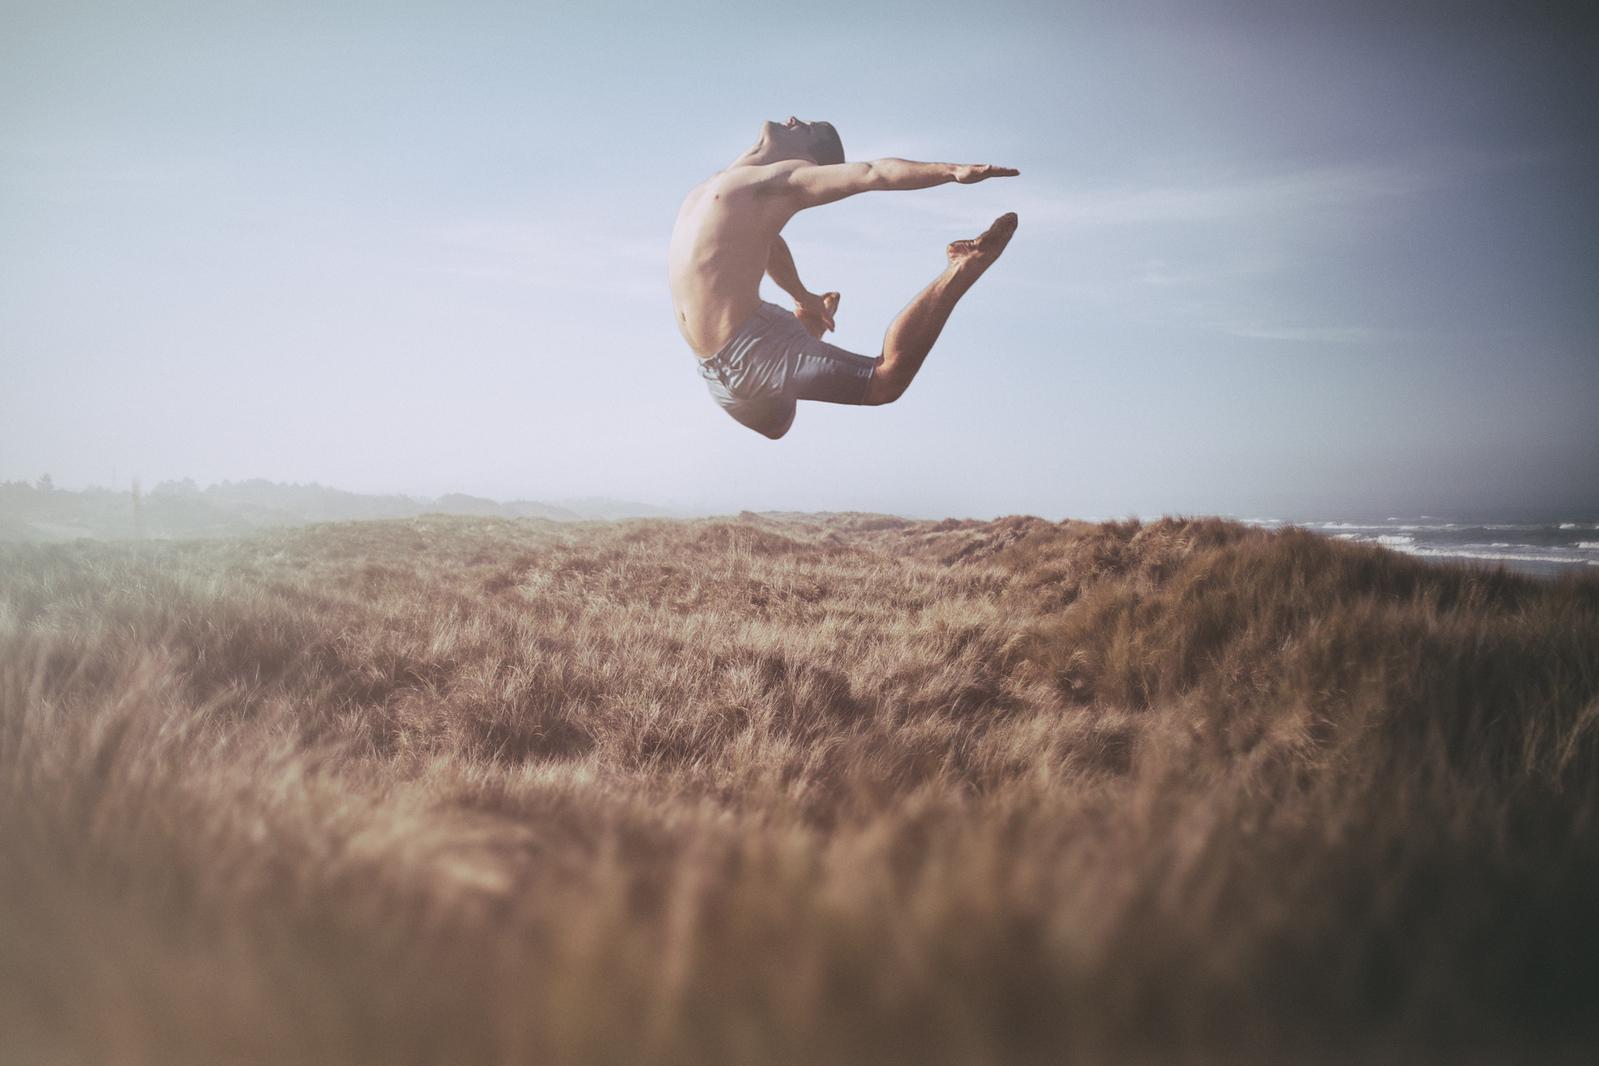 Dancer in the Dunes